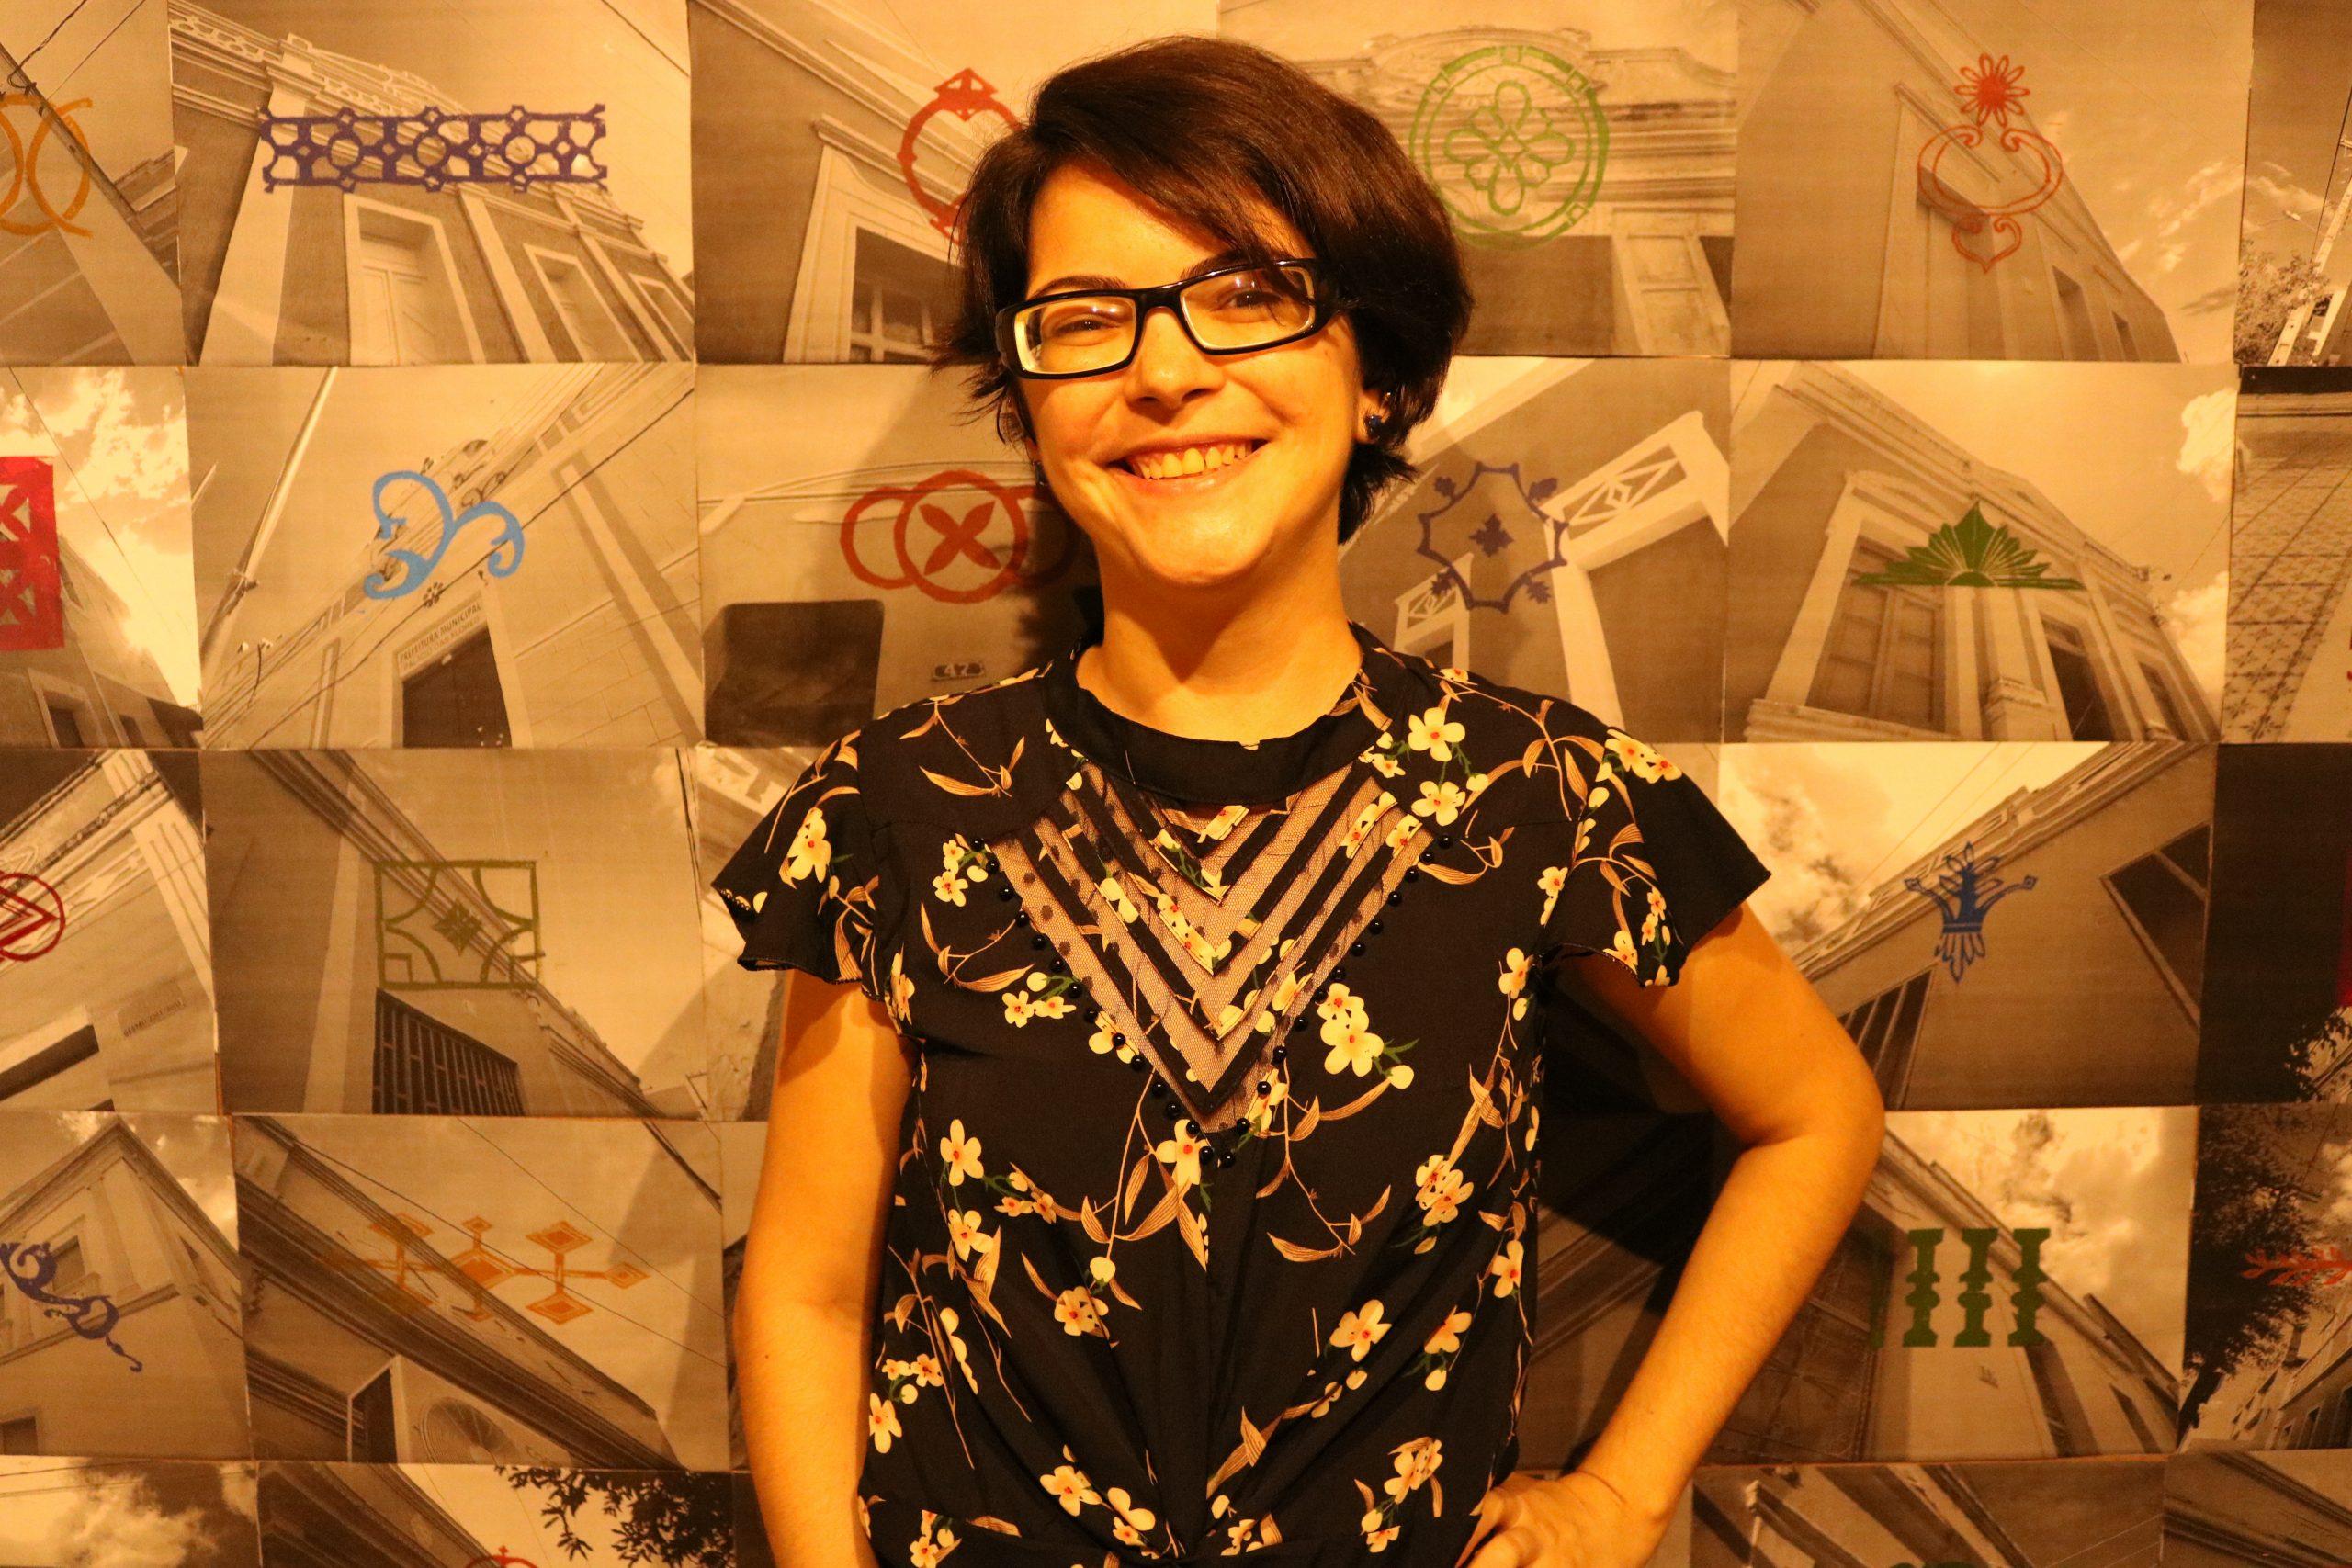 Exposição Retro visões 2019 Galeria Sesc Foto por Andréia Lucynara 5 scaled